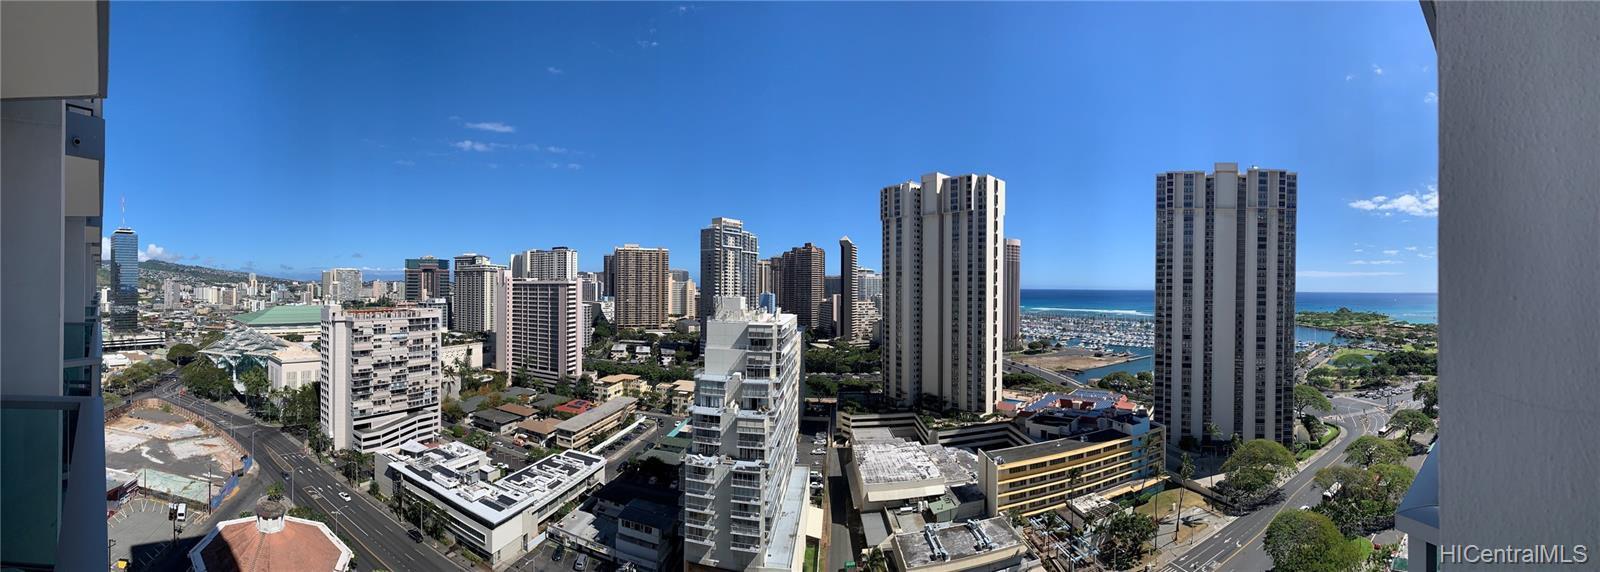 Honolulu Real Estate For Sale At Ala Moana Ala Moana Hotel Condo 410 Atkinson Drive Unit 2118 Honolulu 96814 202029889